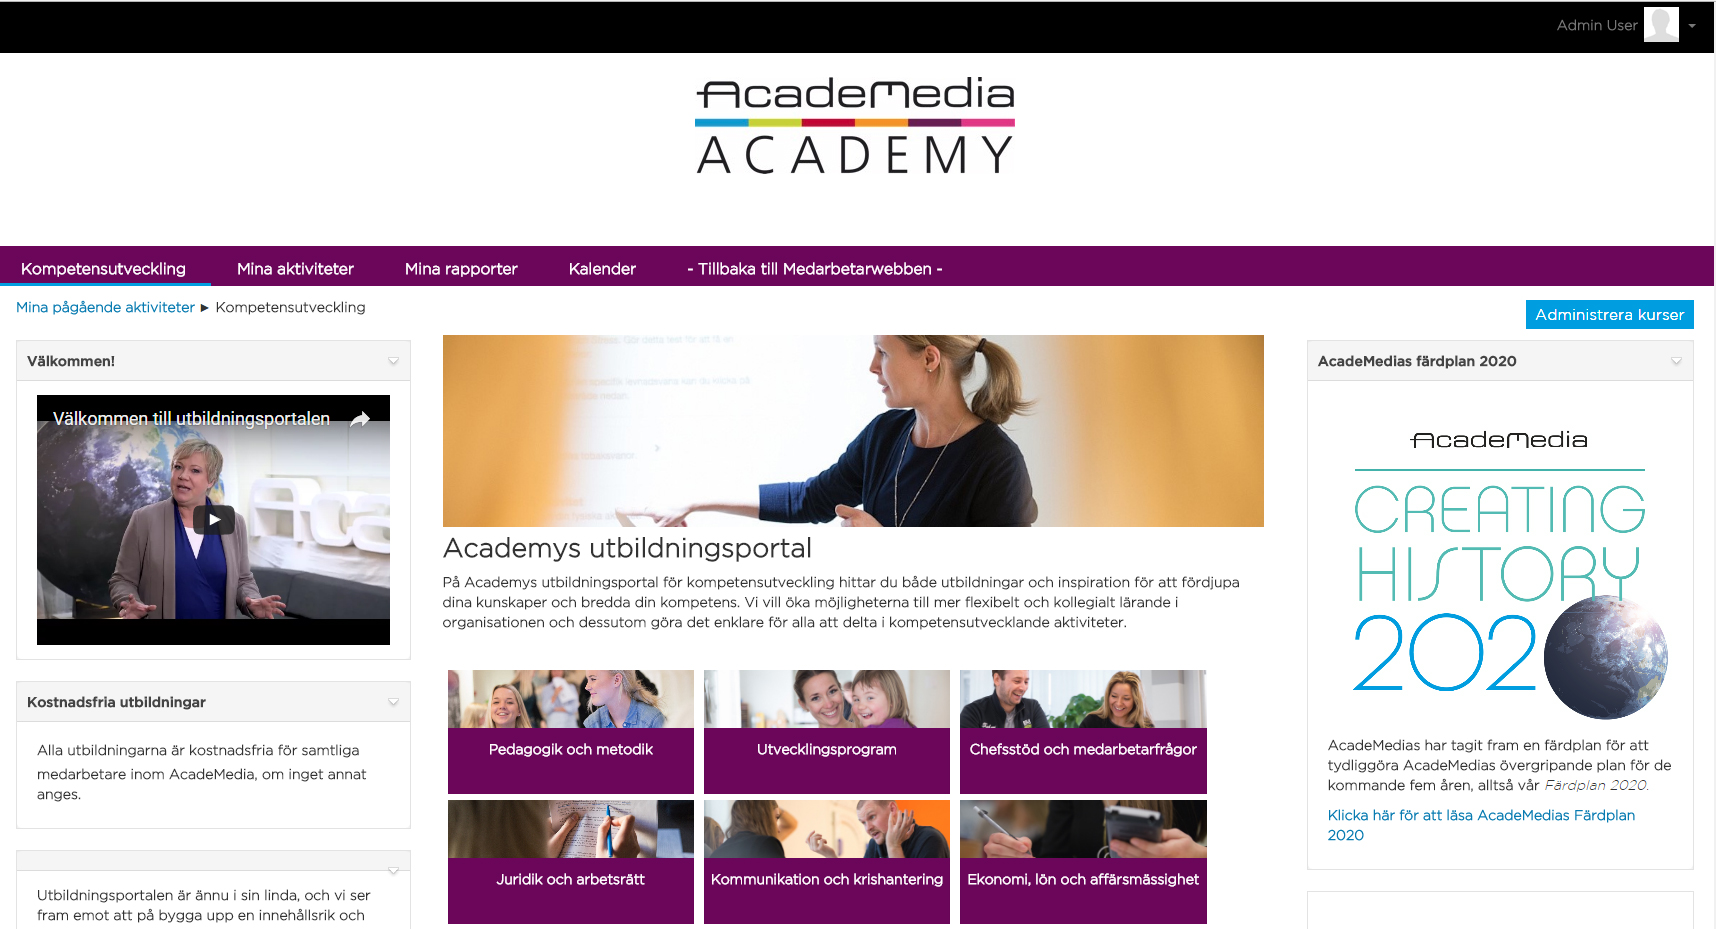 Academedia Academy Totara första sida